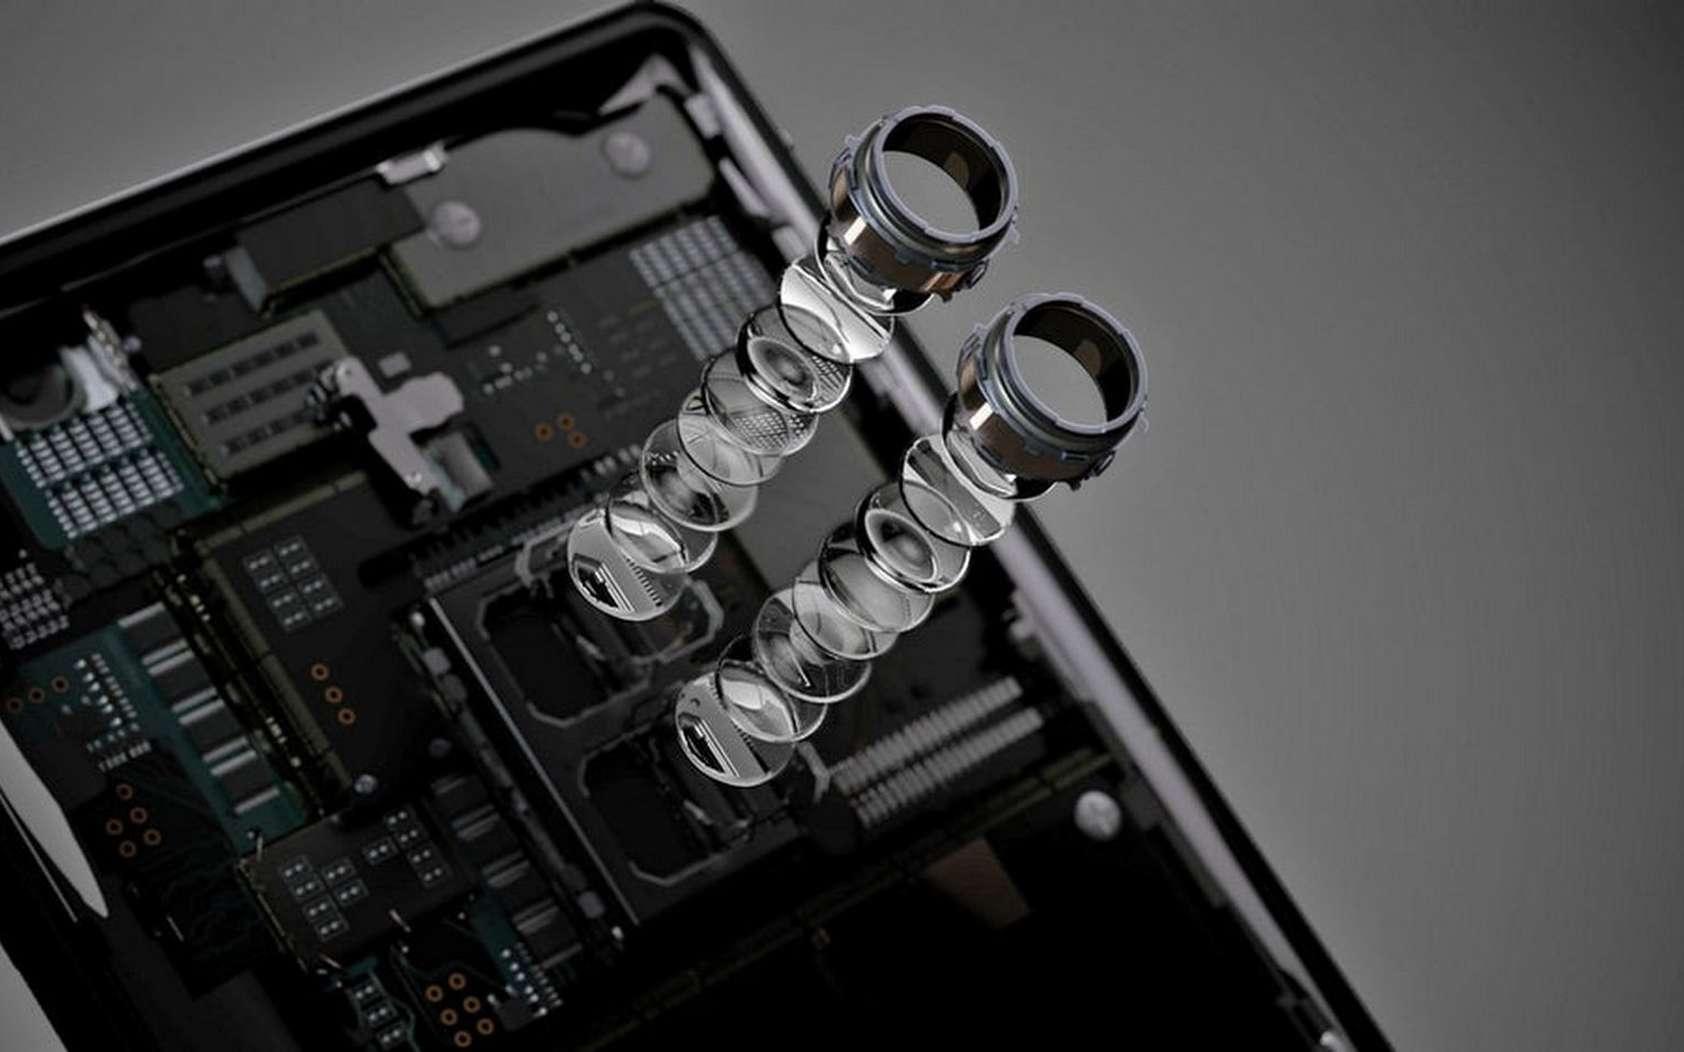 Le nouveau capteur photo Sony devrait d'abord être intégré dans les smartphones de la marque nippone. © Sony